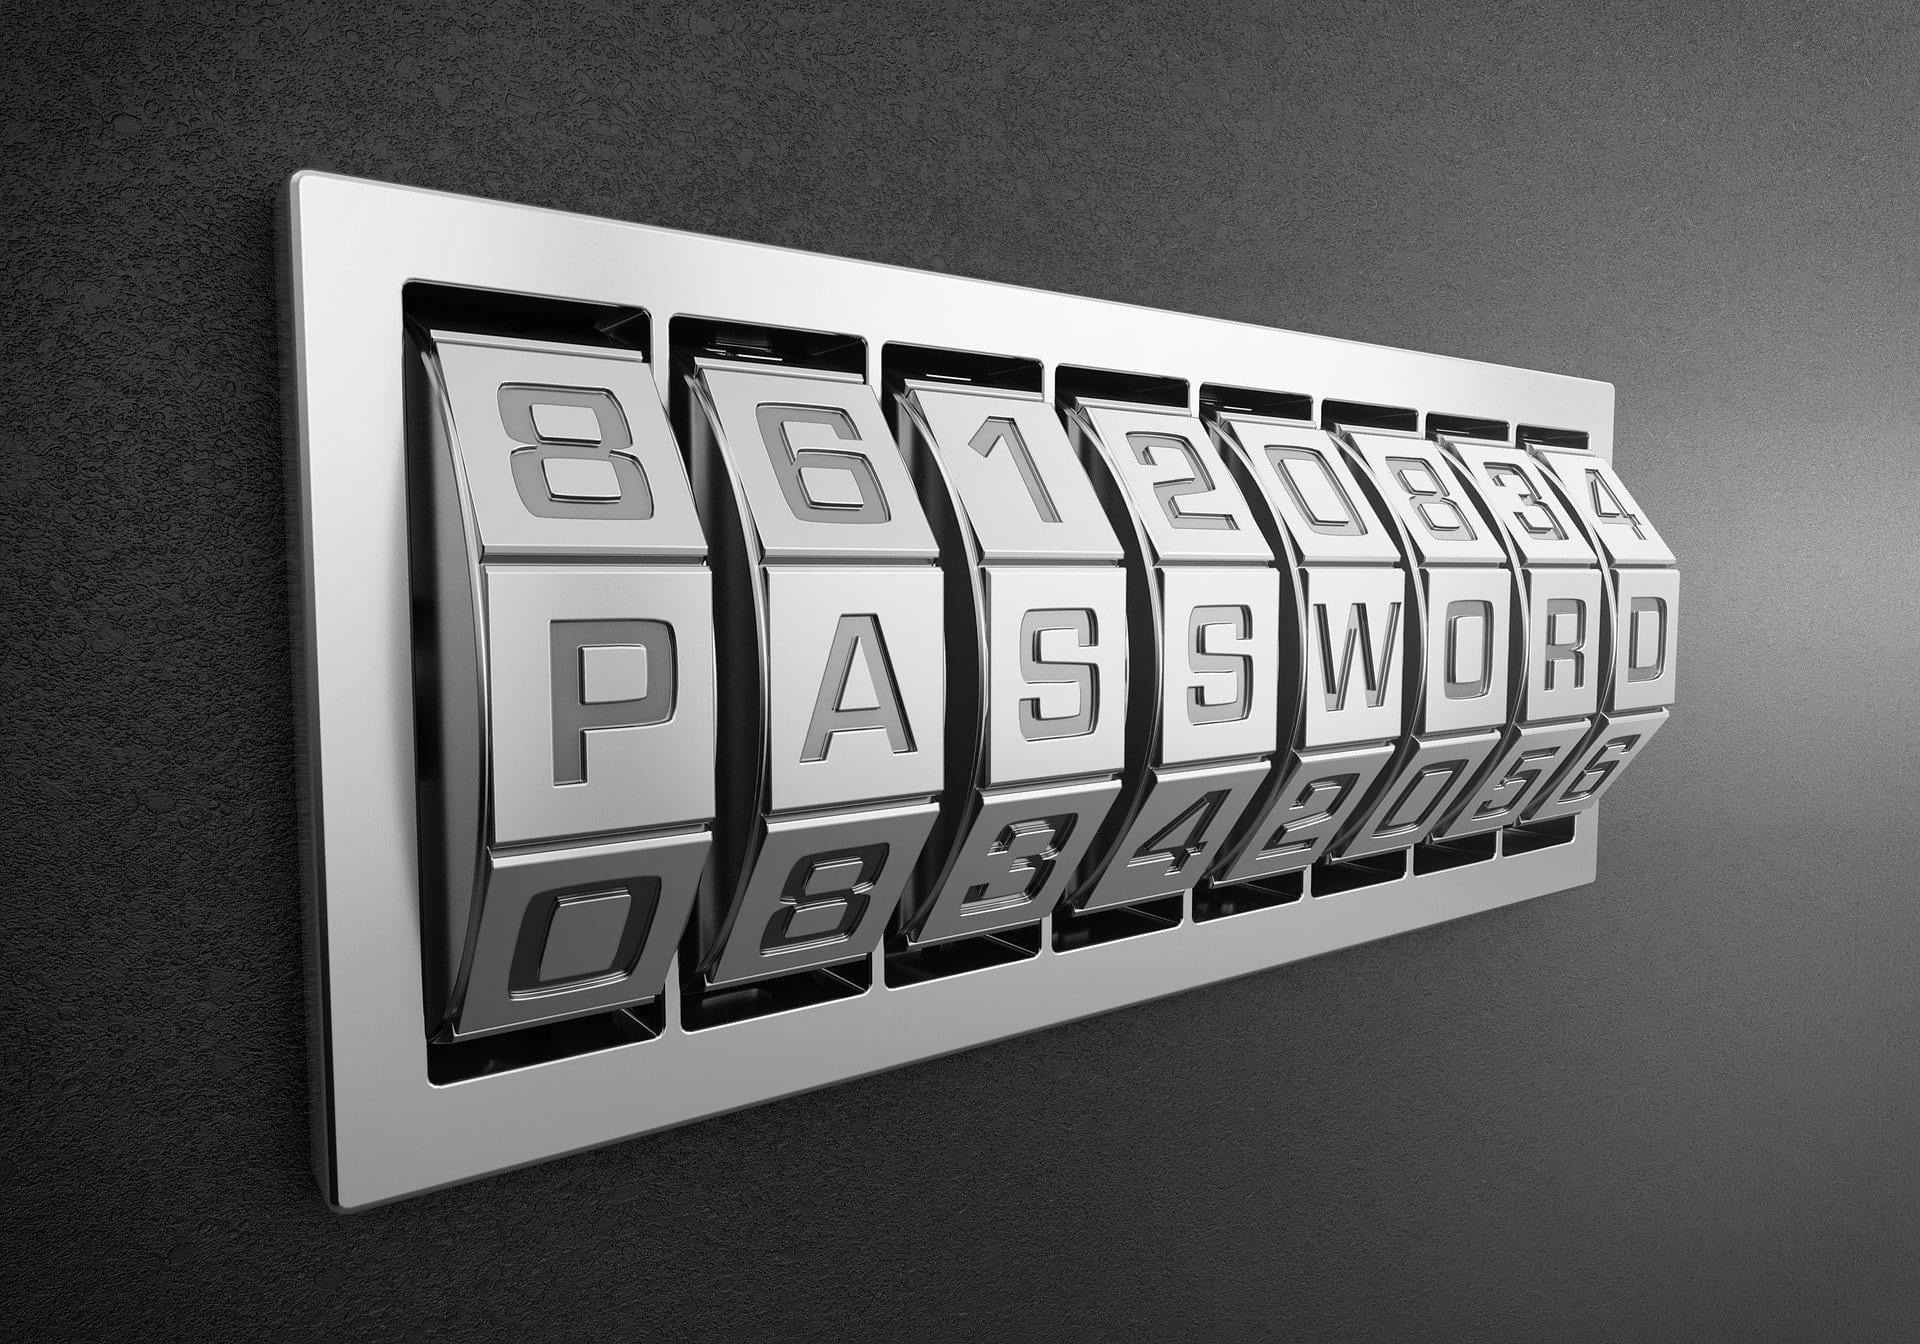 plumbing exams password reset